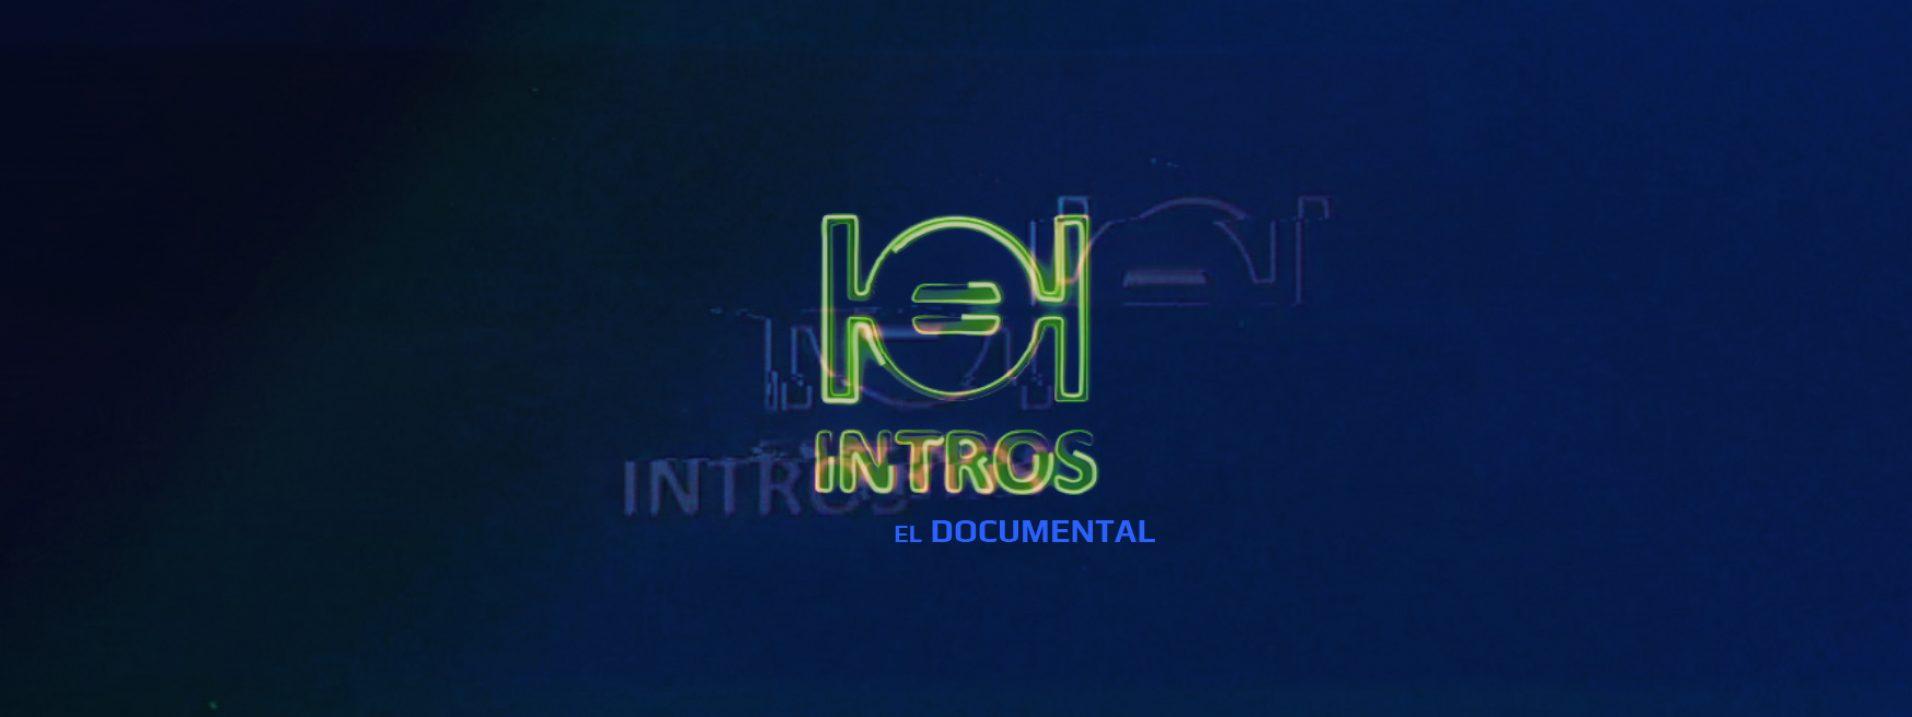 blog_intros_documental